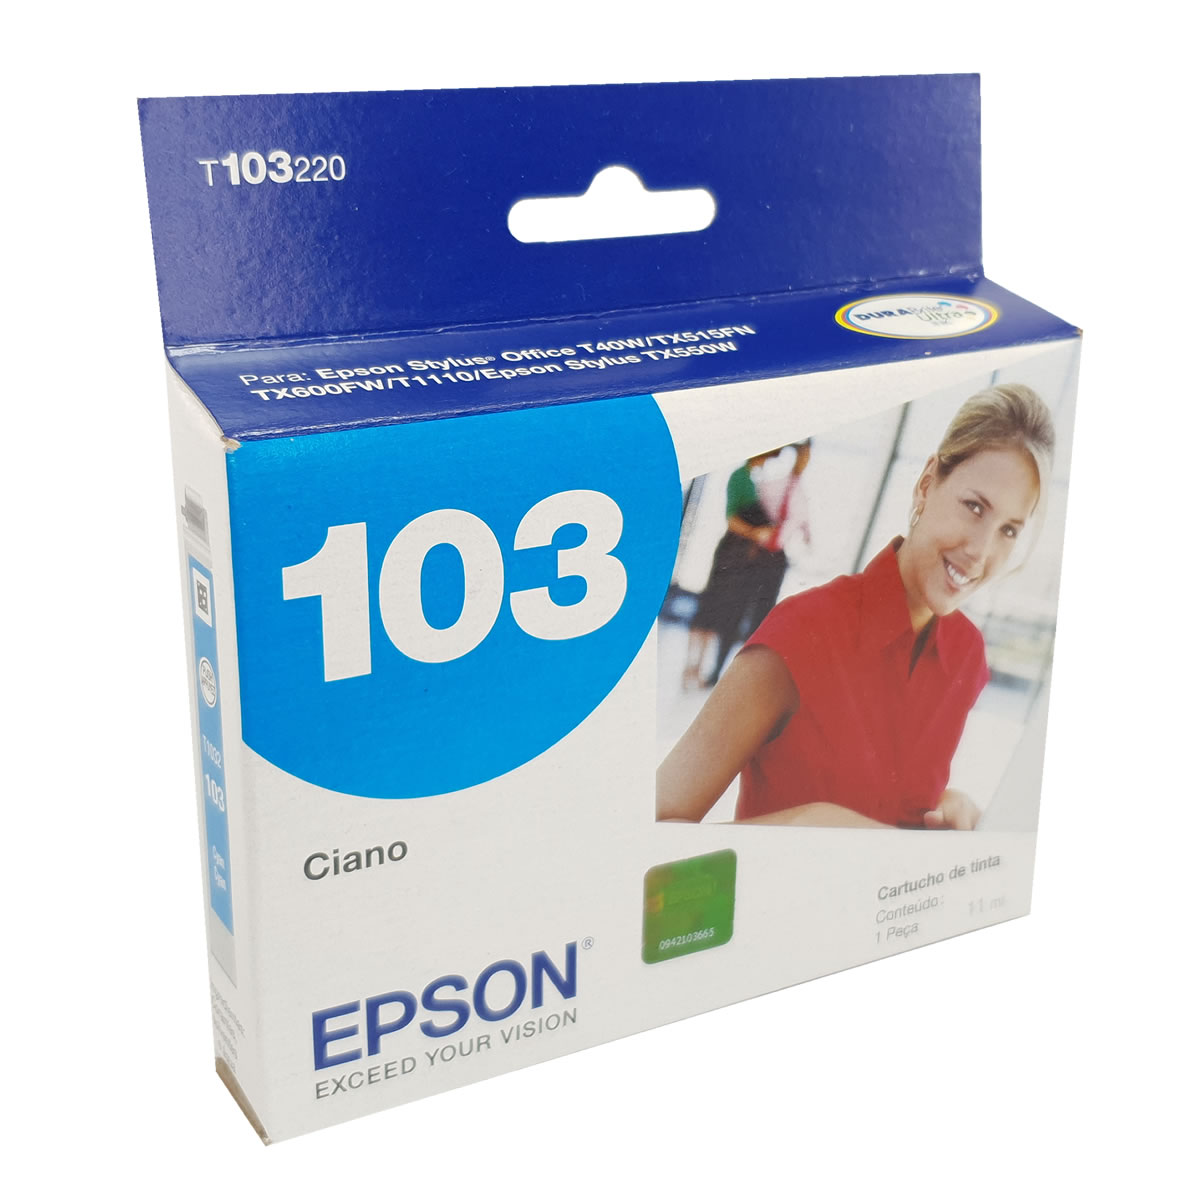 Kit 4 cartuchos T103 103 originais Epson para T40W T1110 TX515FN TX550W TX600FW